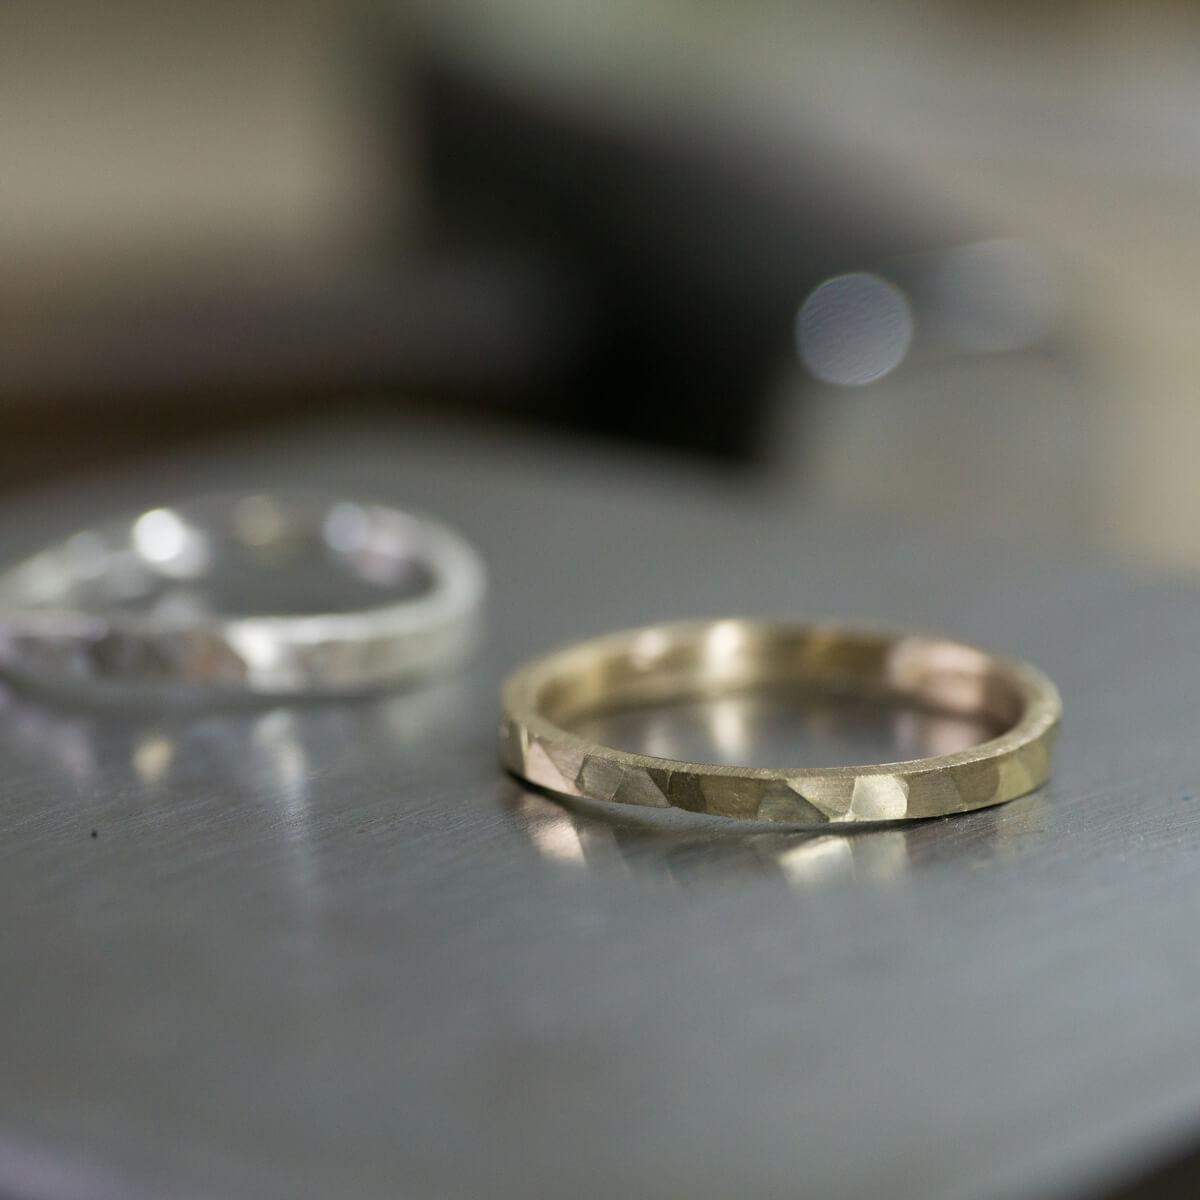 オーダーメイドマリッジリングの制作風景 ジュエリーのアトリエ ゴールドリング 屋久島でつくる結婚指輪 角度2